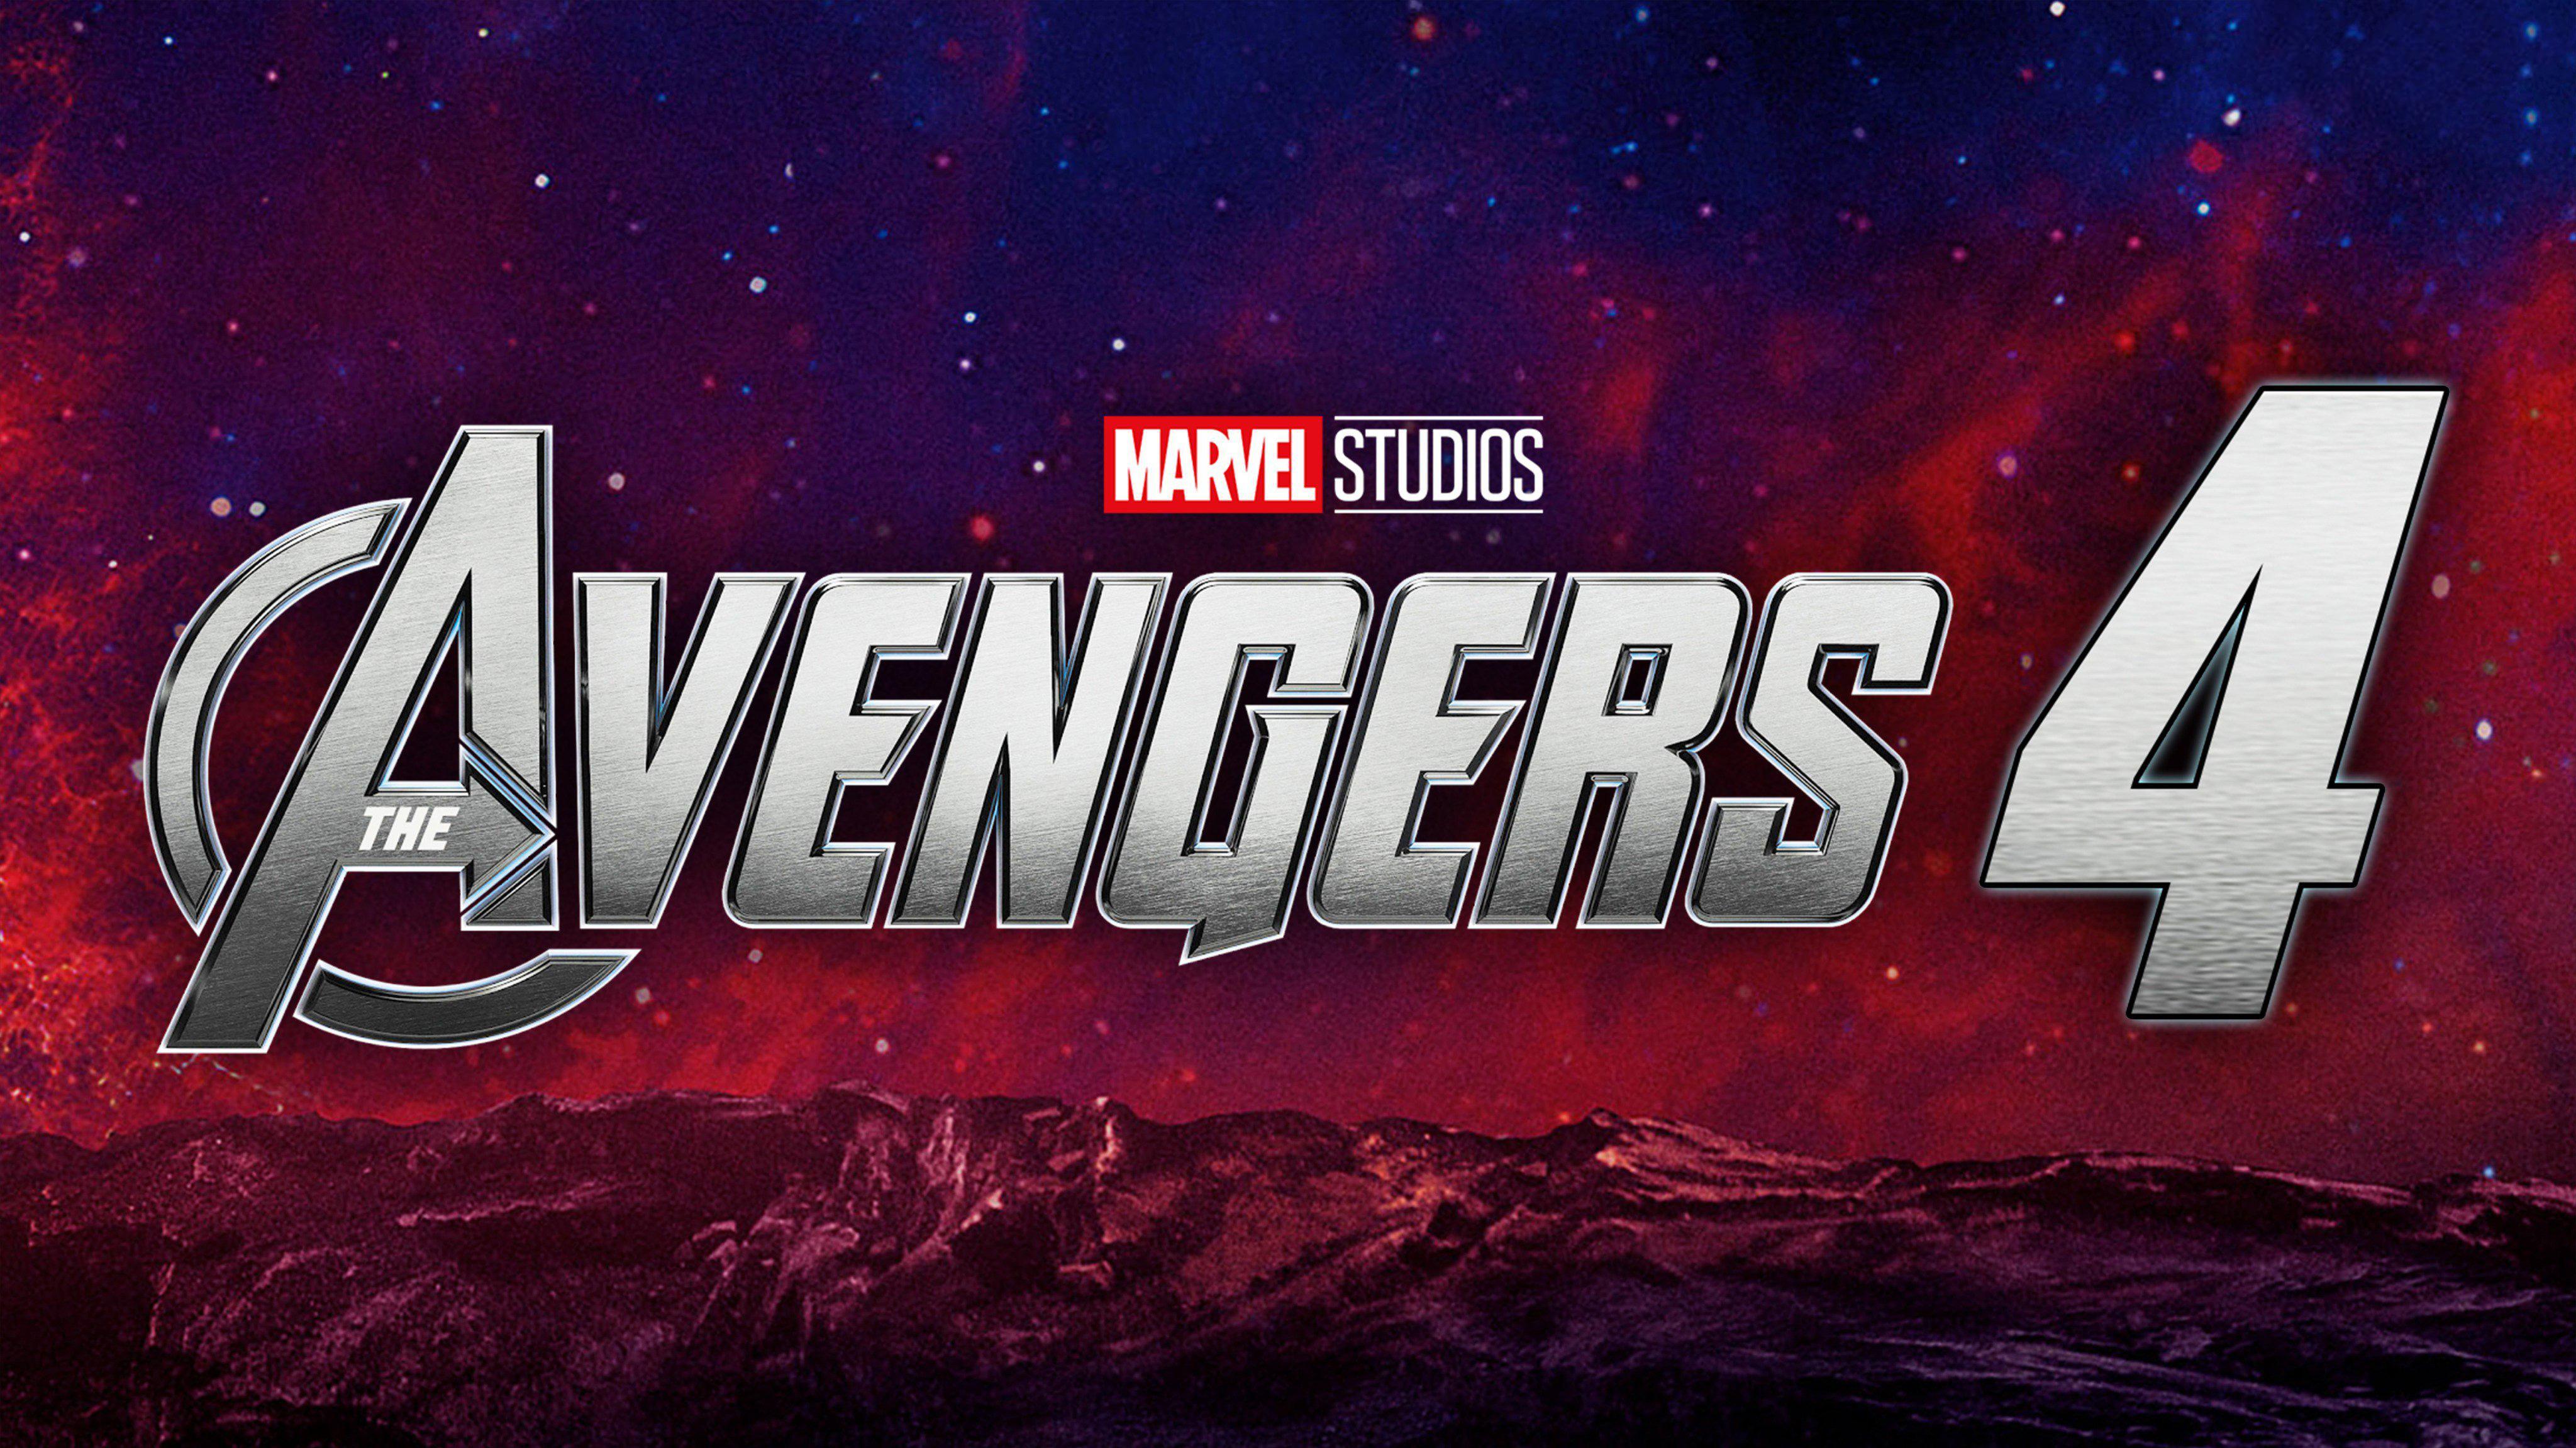 HDoboi.Kiev.ua - Мстители 4 обои на телефон, Avengers wallpaper 4k logo